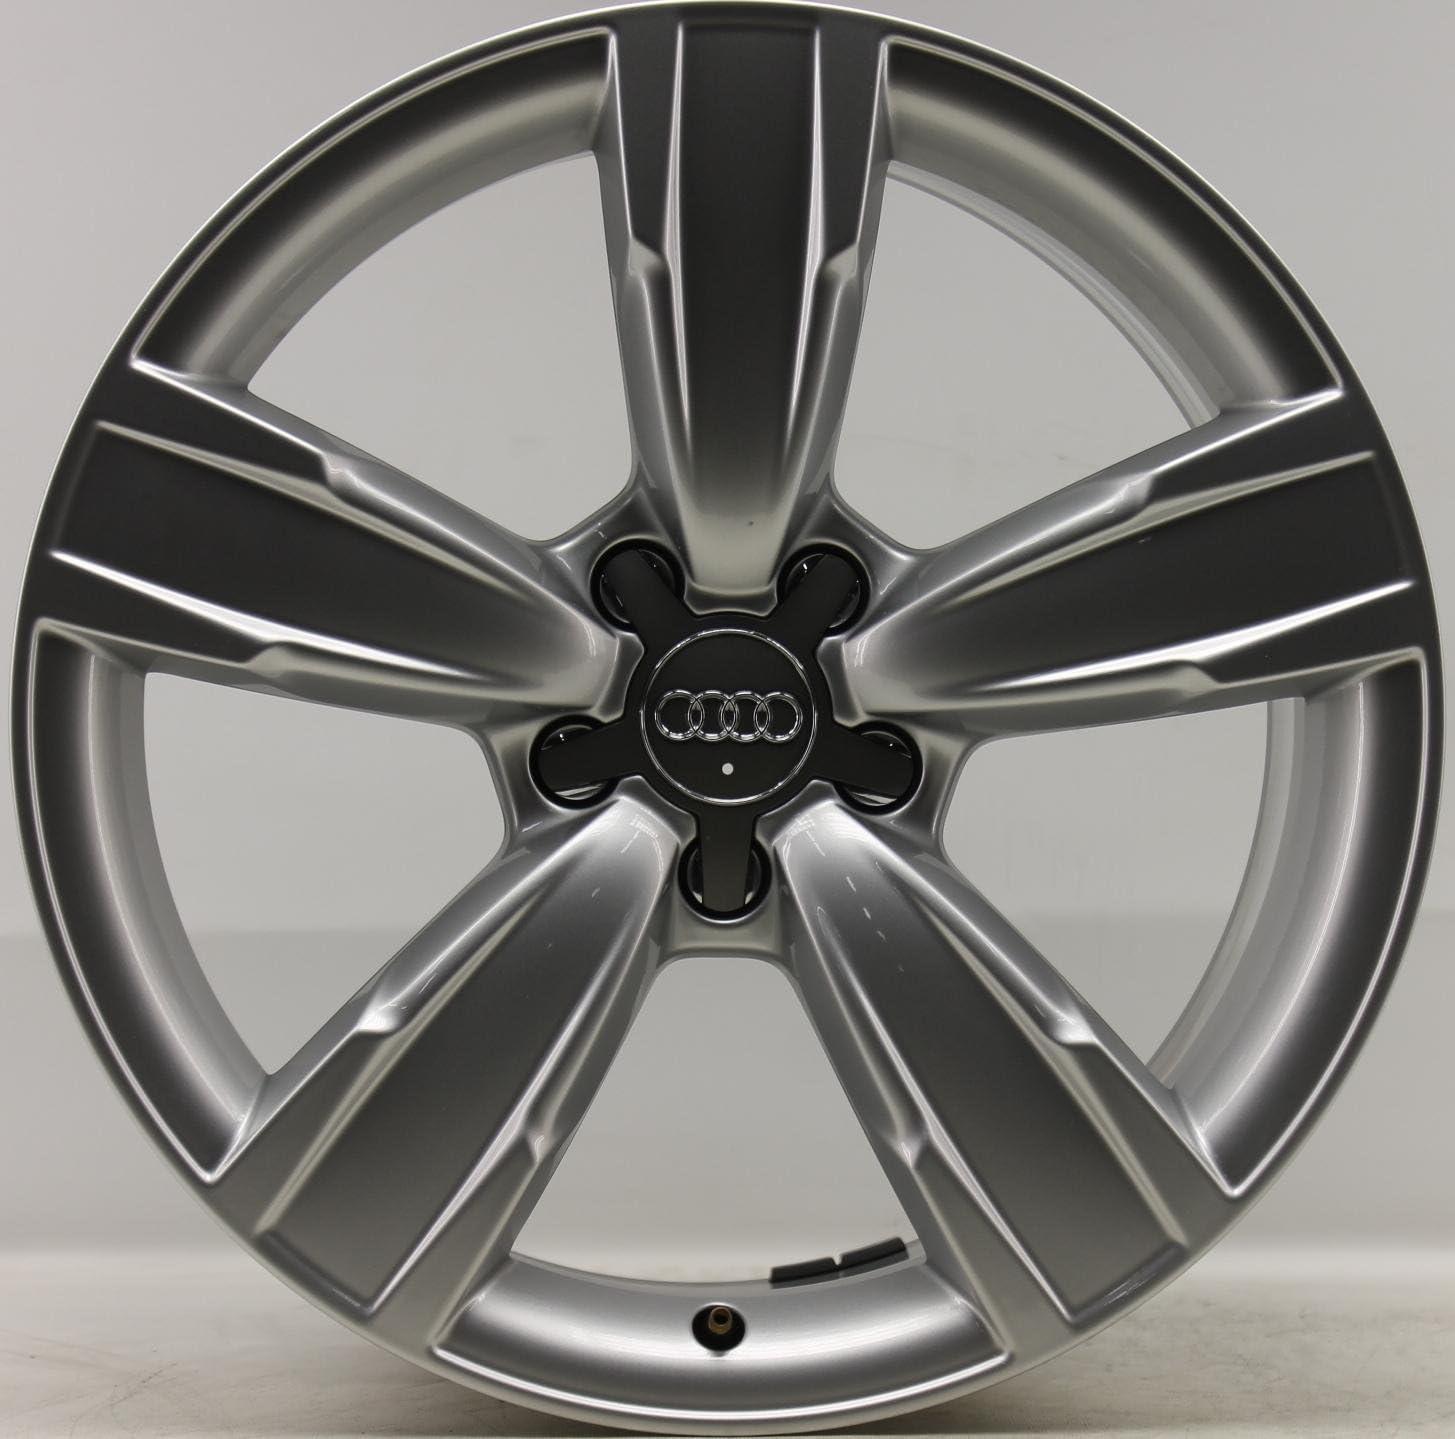 4 Original Audi A4 8 K B8 Allroad 18 pulgadas Llantas 8 K0601025bm 8 x 18 Et26 31853: Amazon.es: Coche y moto